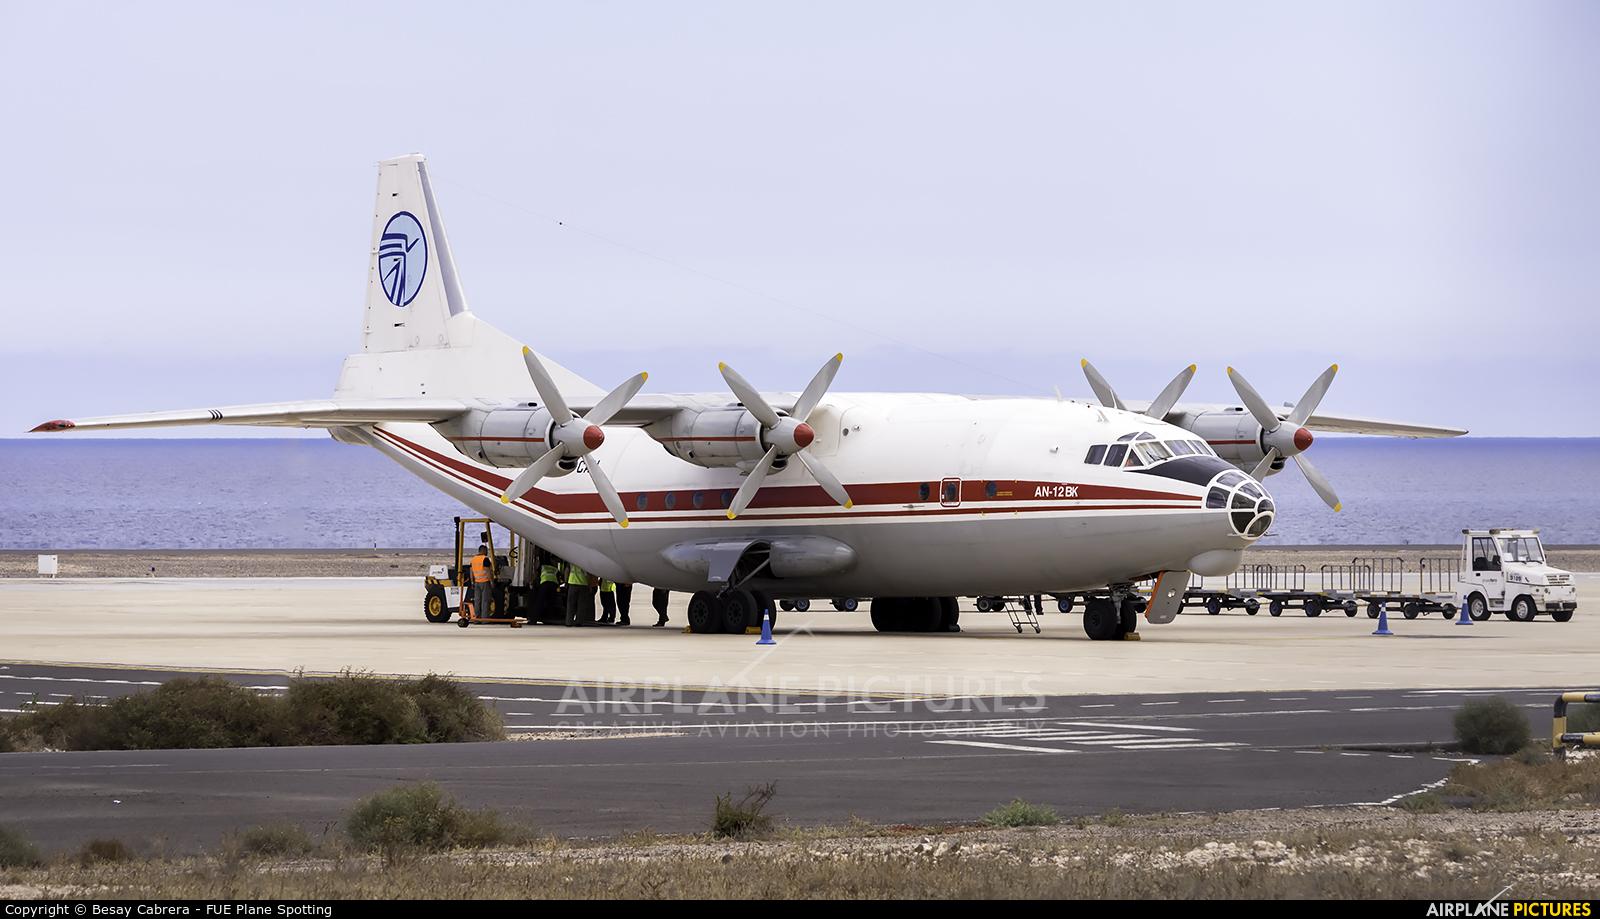 Ukraine Air Alliance UR-CAH aircraft at Fuerteventura - Puerto del Rosario